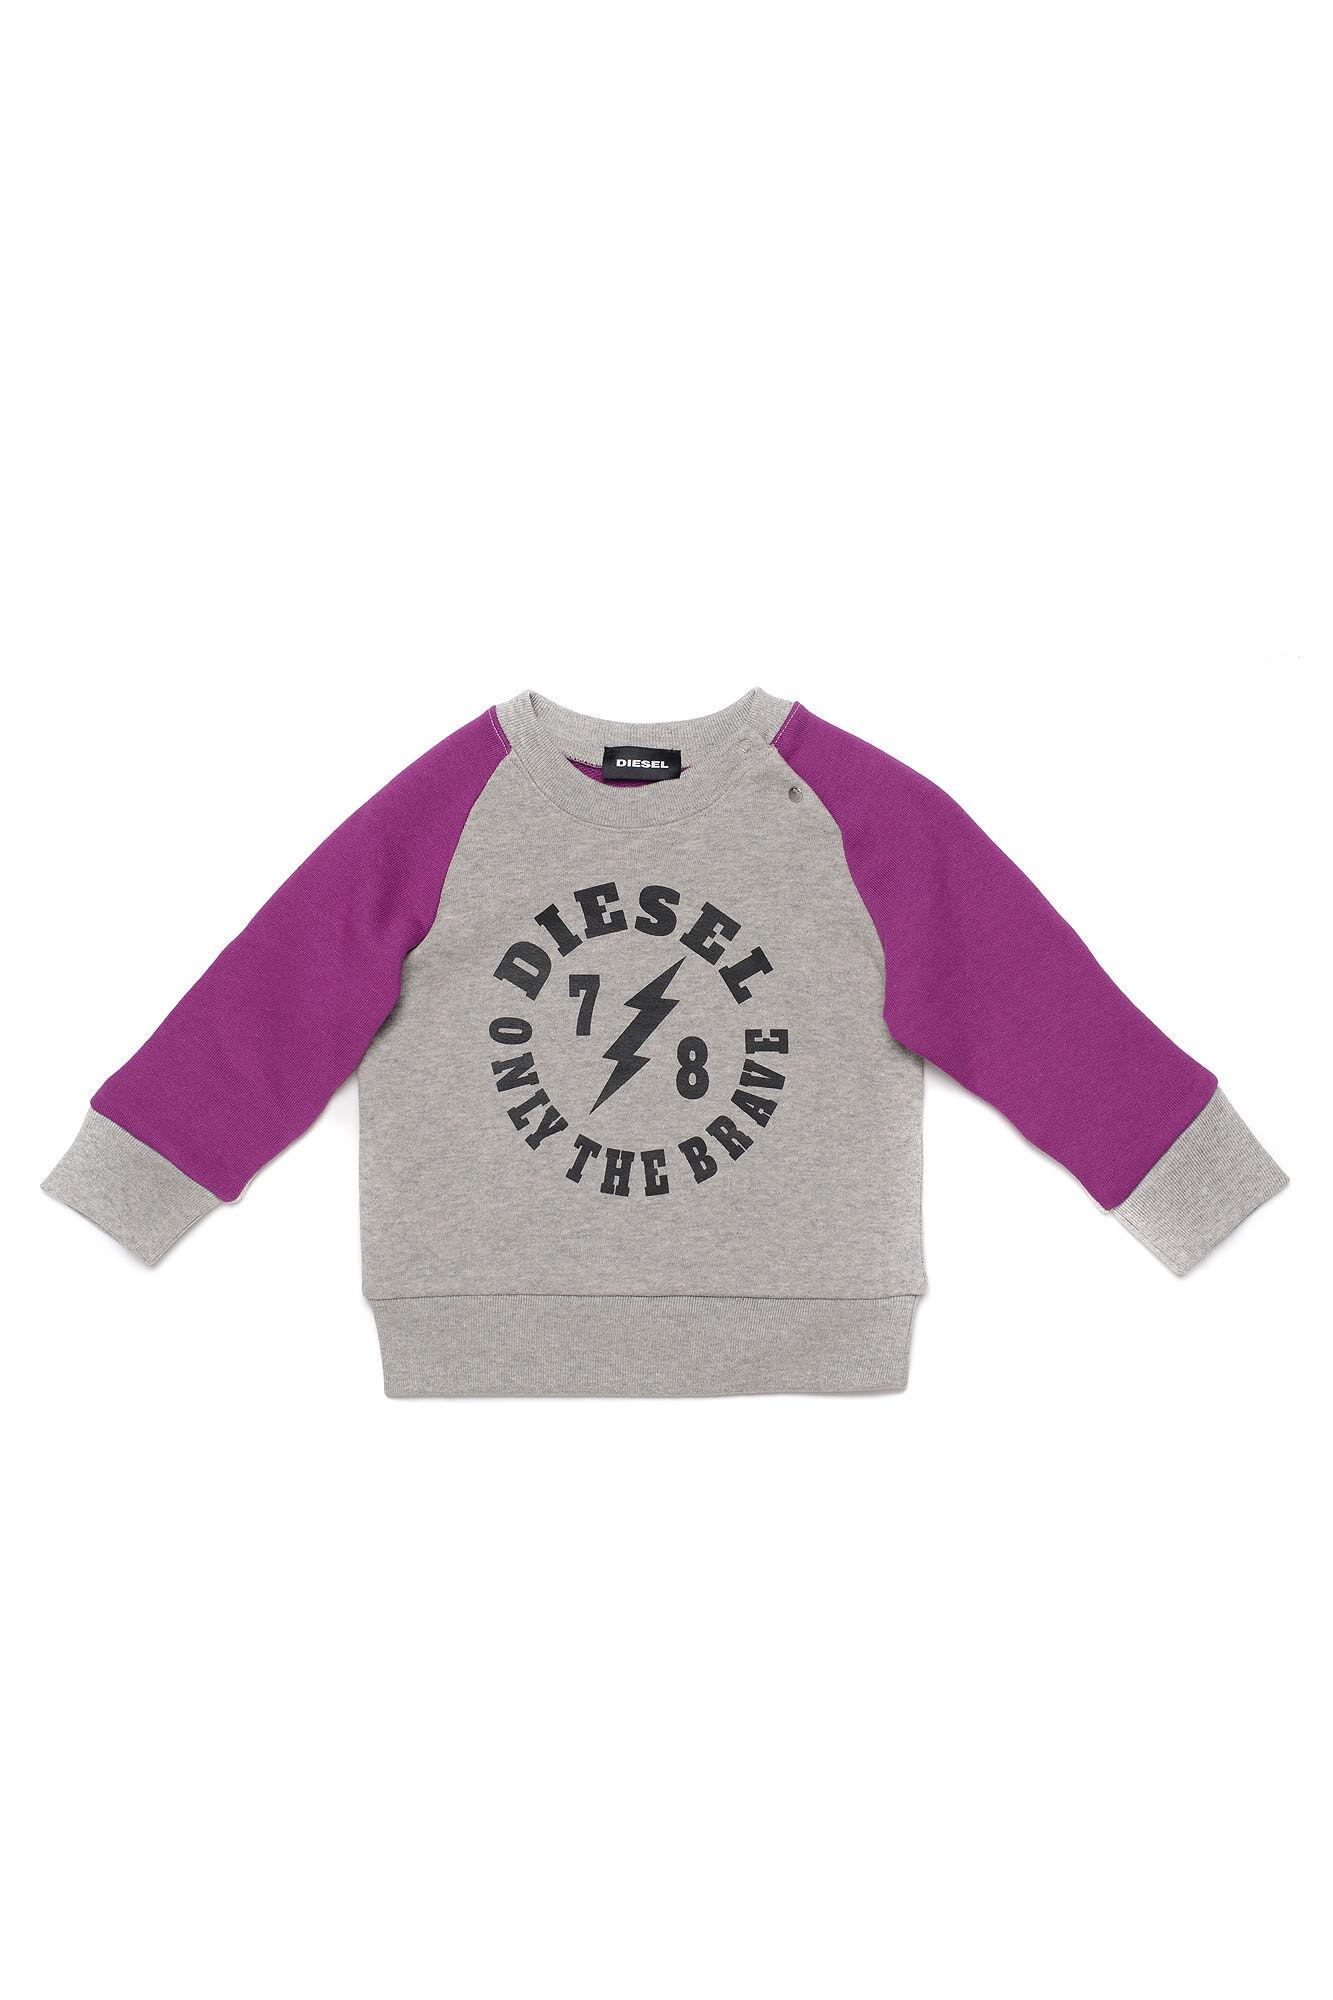 Strickb Sweatshirt - Diesel Kid